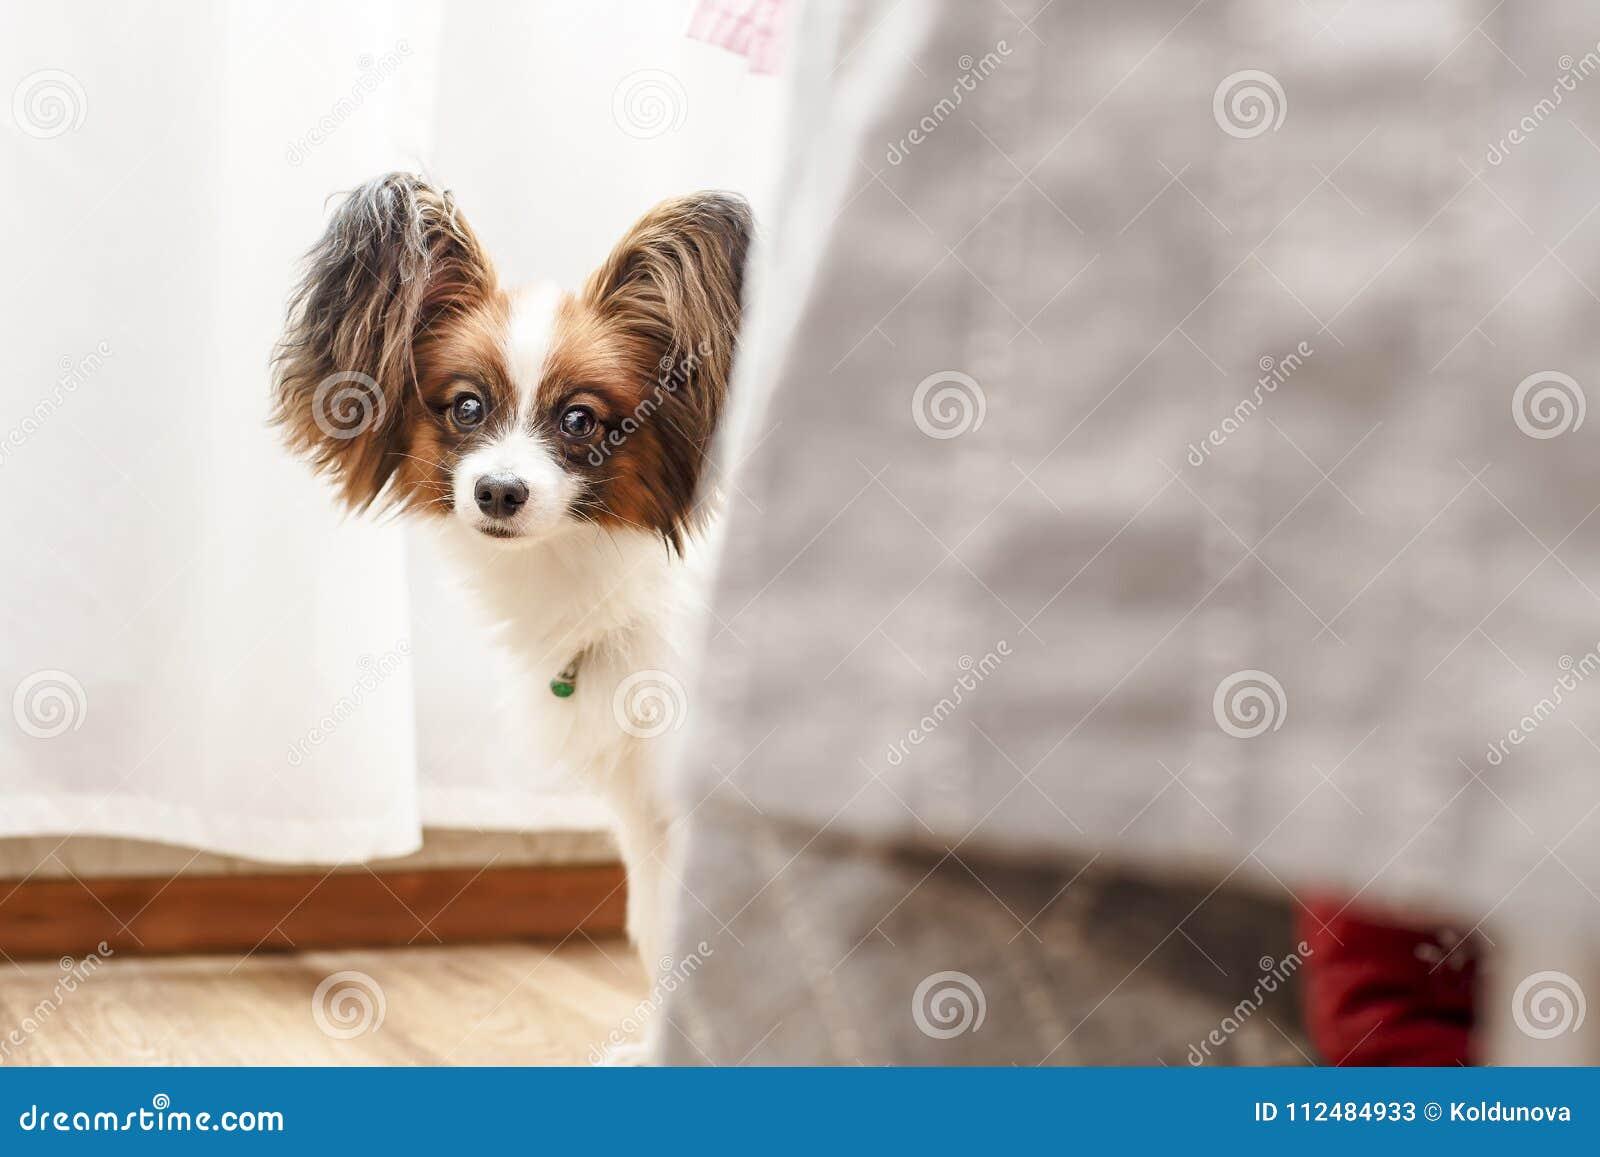 Sehr netter Hund mit großen schönen Papillon-Ohren besorgt lugend